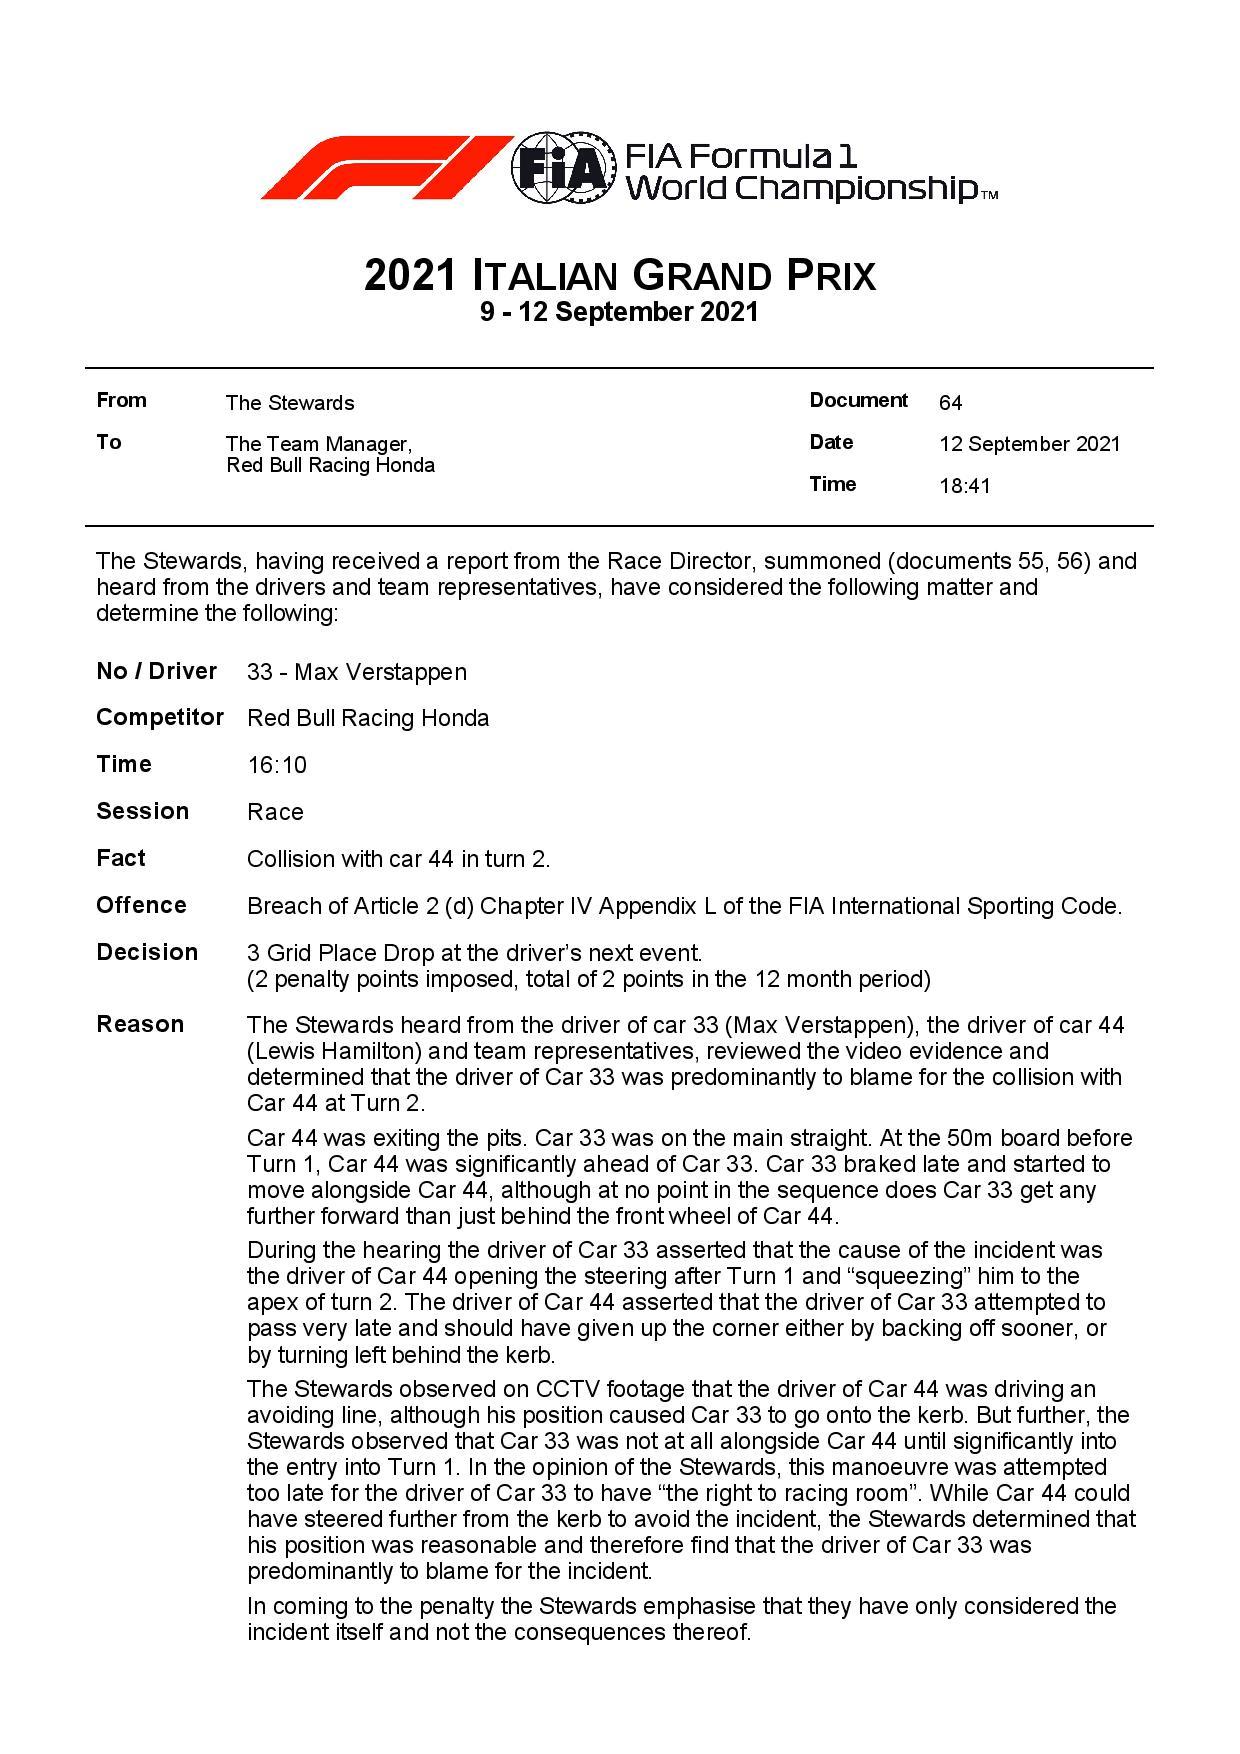 F1 - Officiel : Max verstappen pénalisé sur la grille de départ en Russie